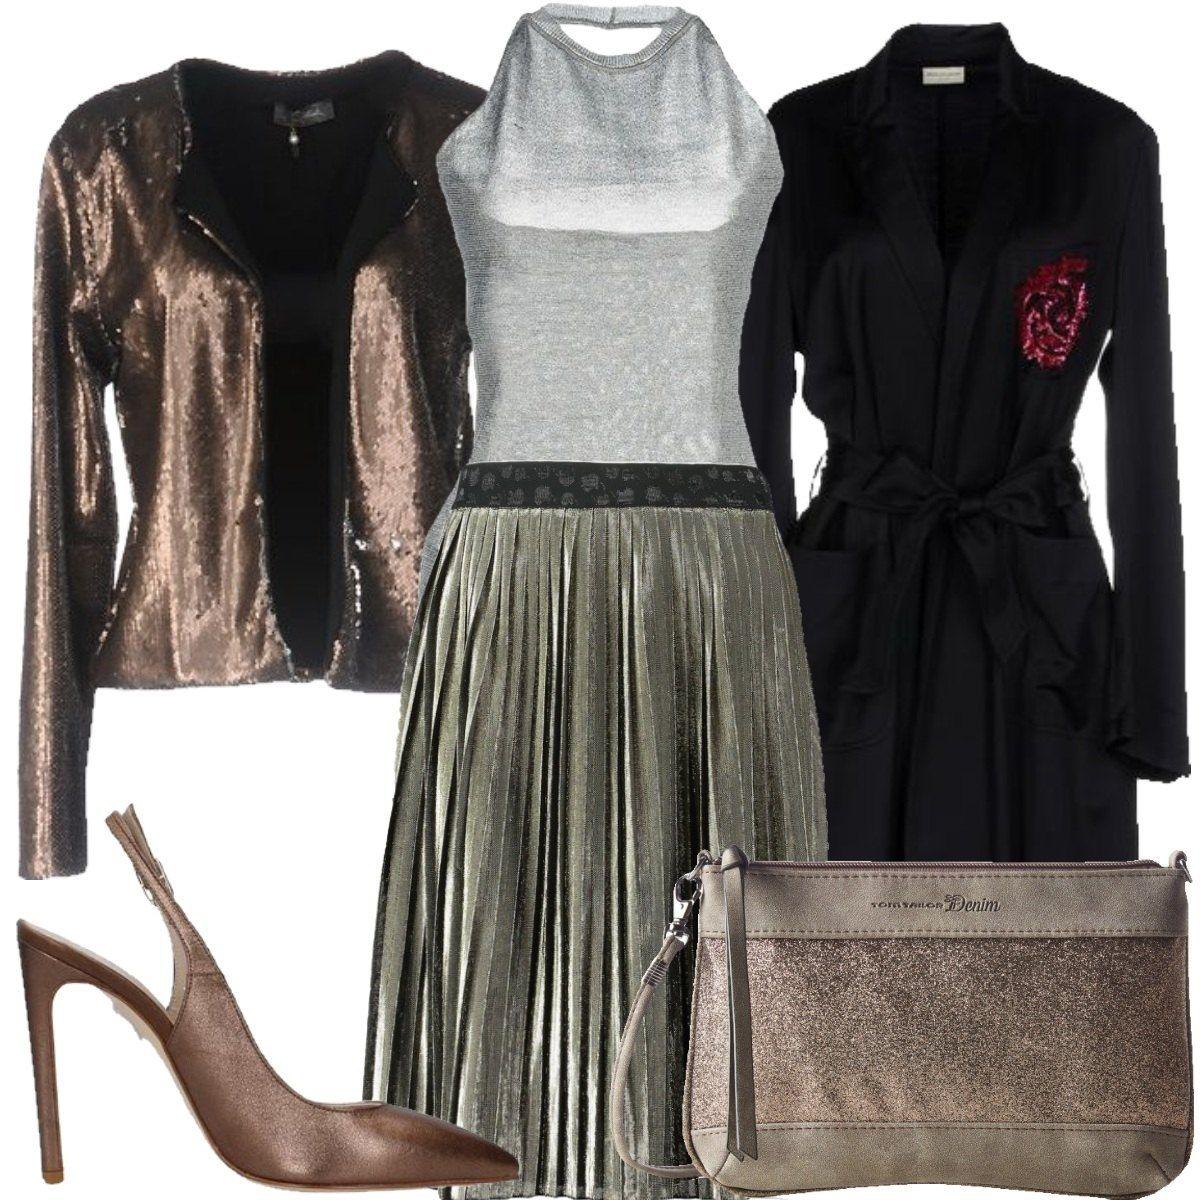 Gonna a pieghe e luminosità: outfit donna Trendy per serata fuori | Bantoa